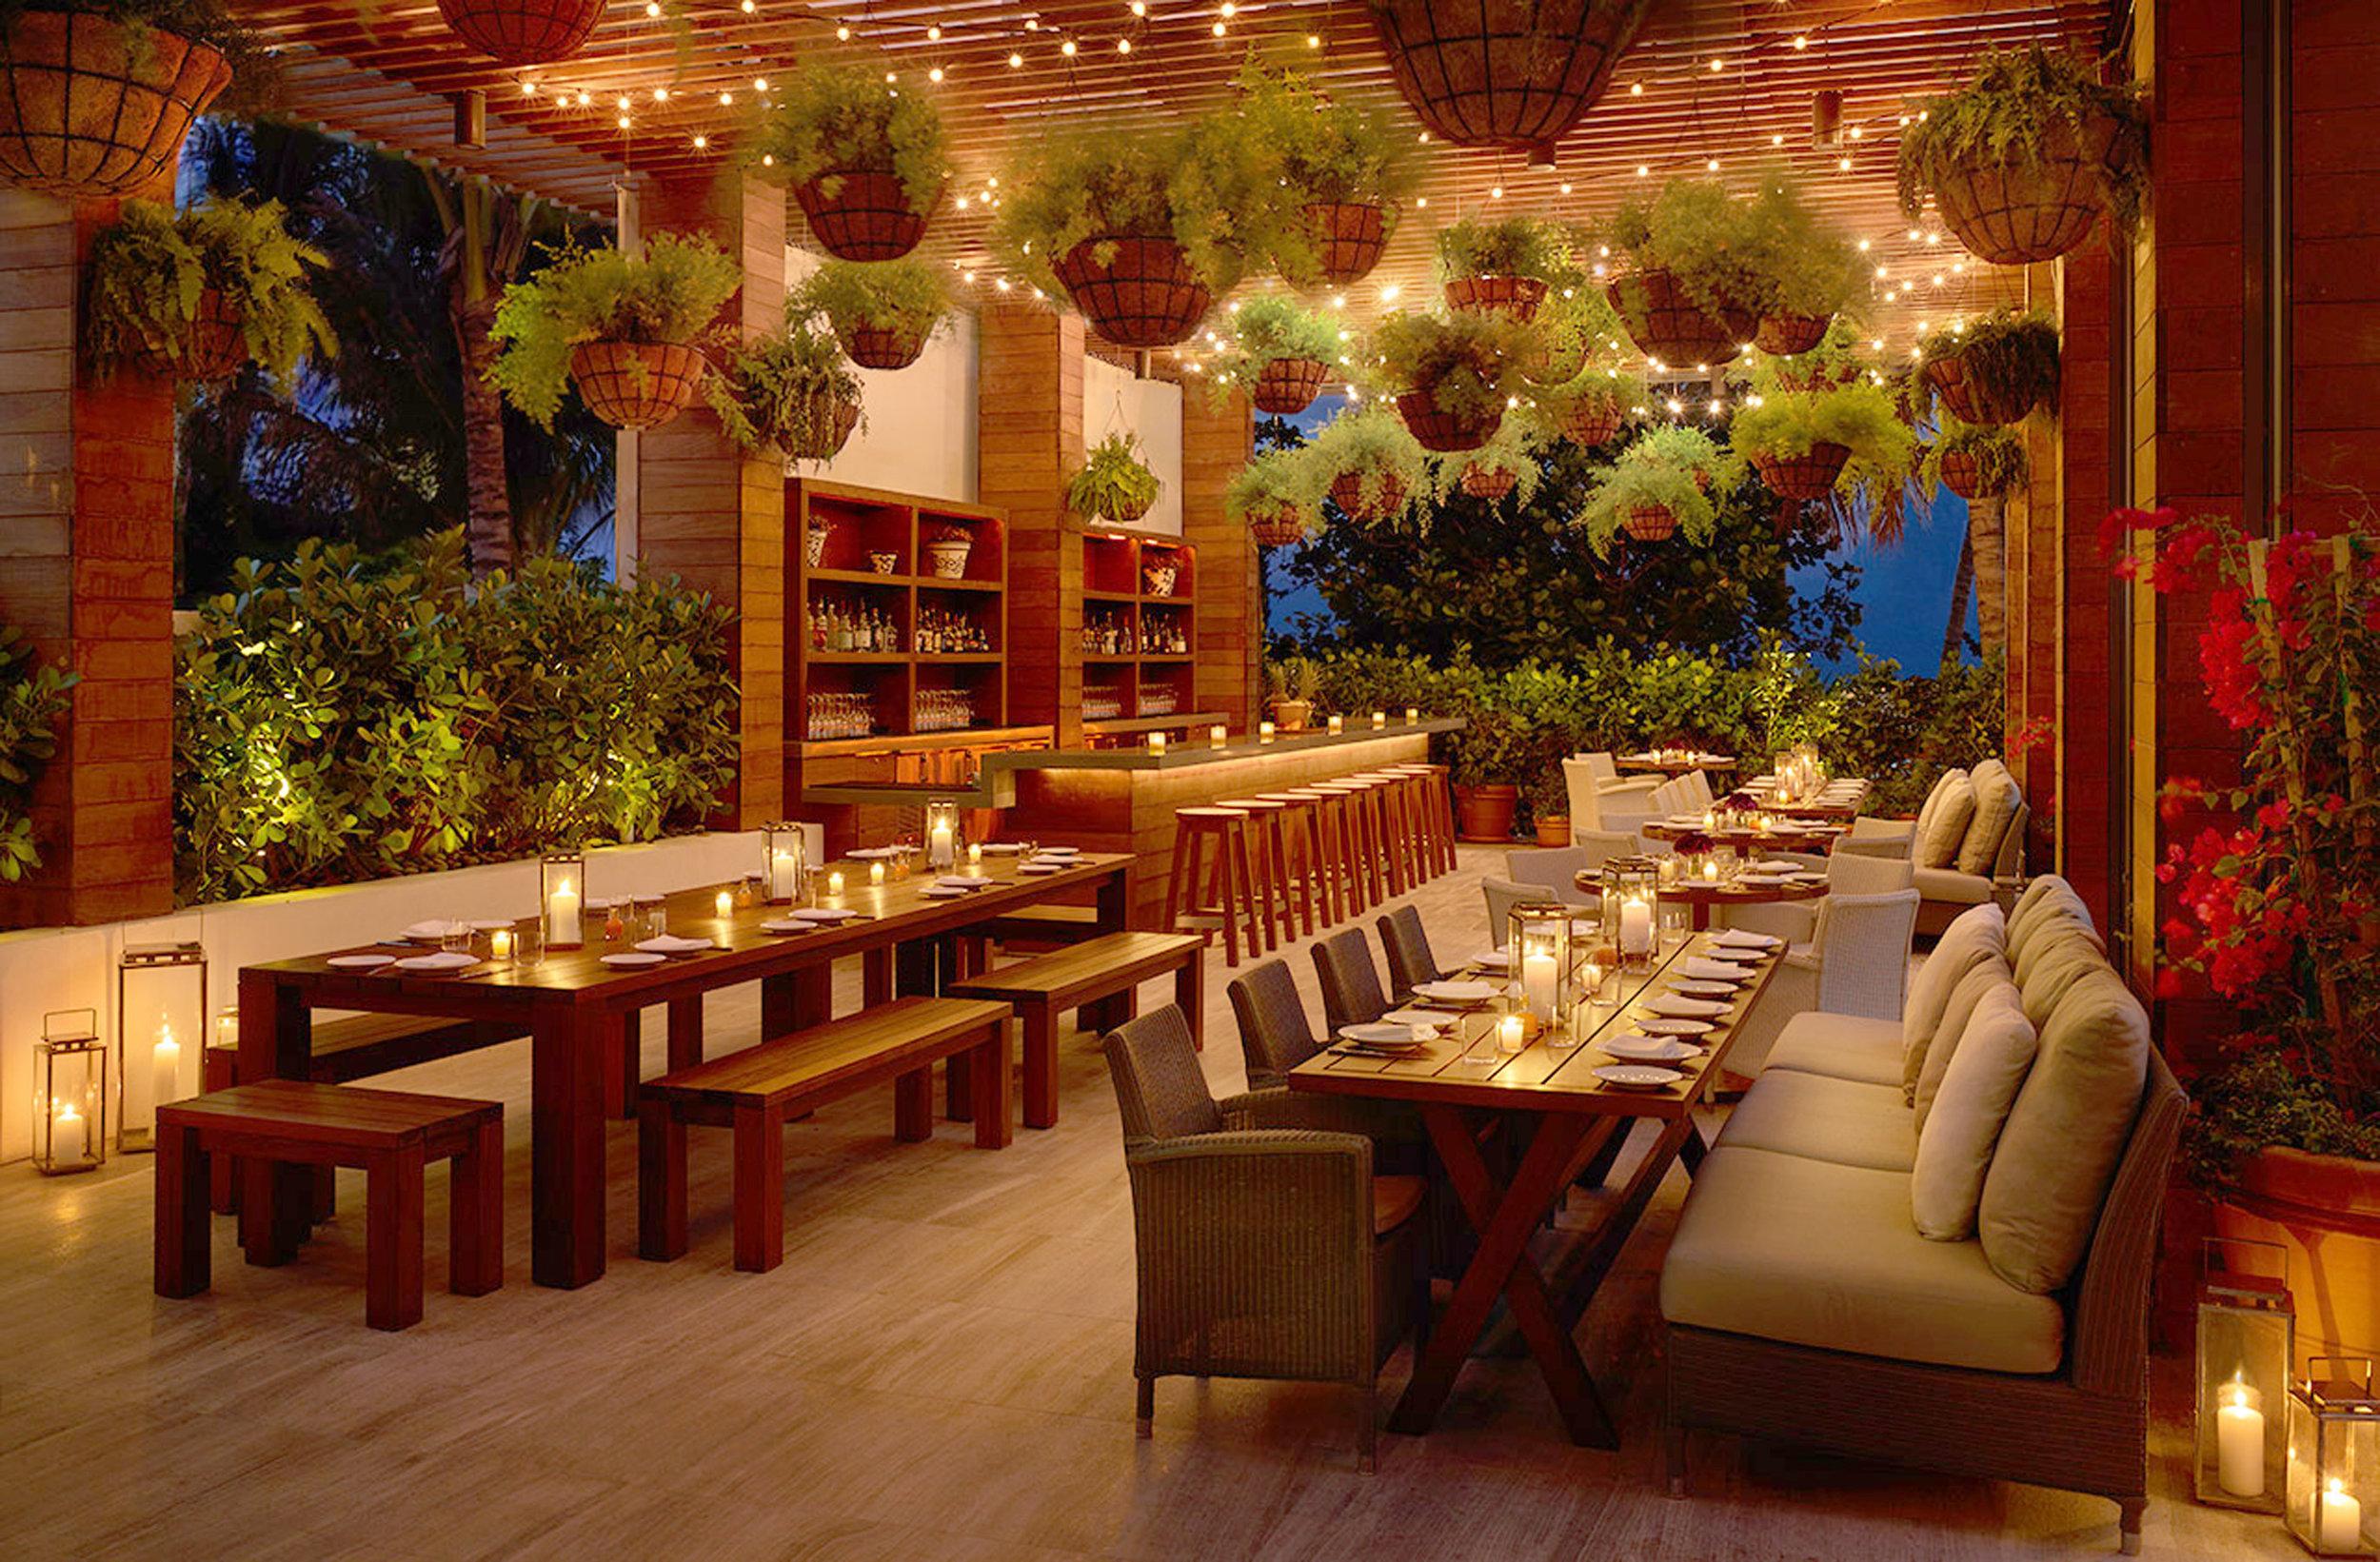 Matador-Terrace-Bar-Night-1280x840.jpg